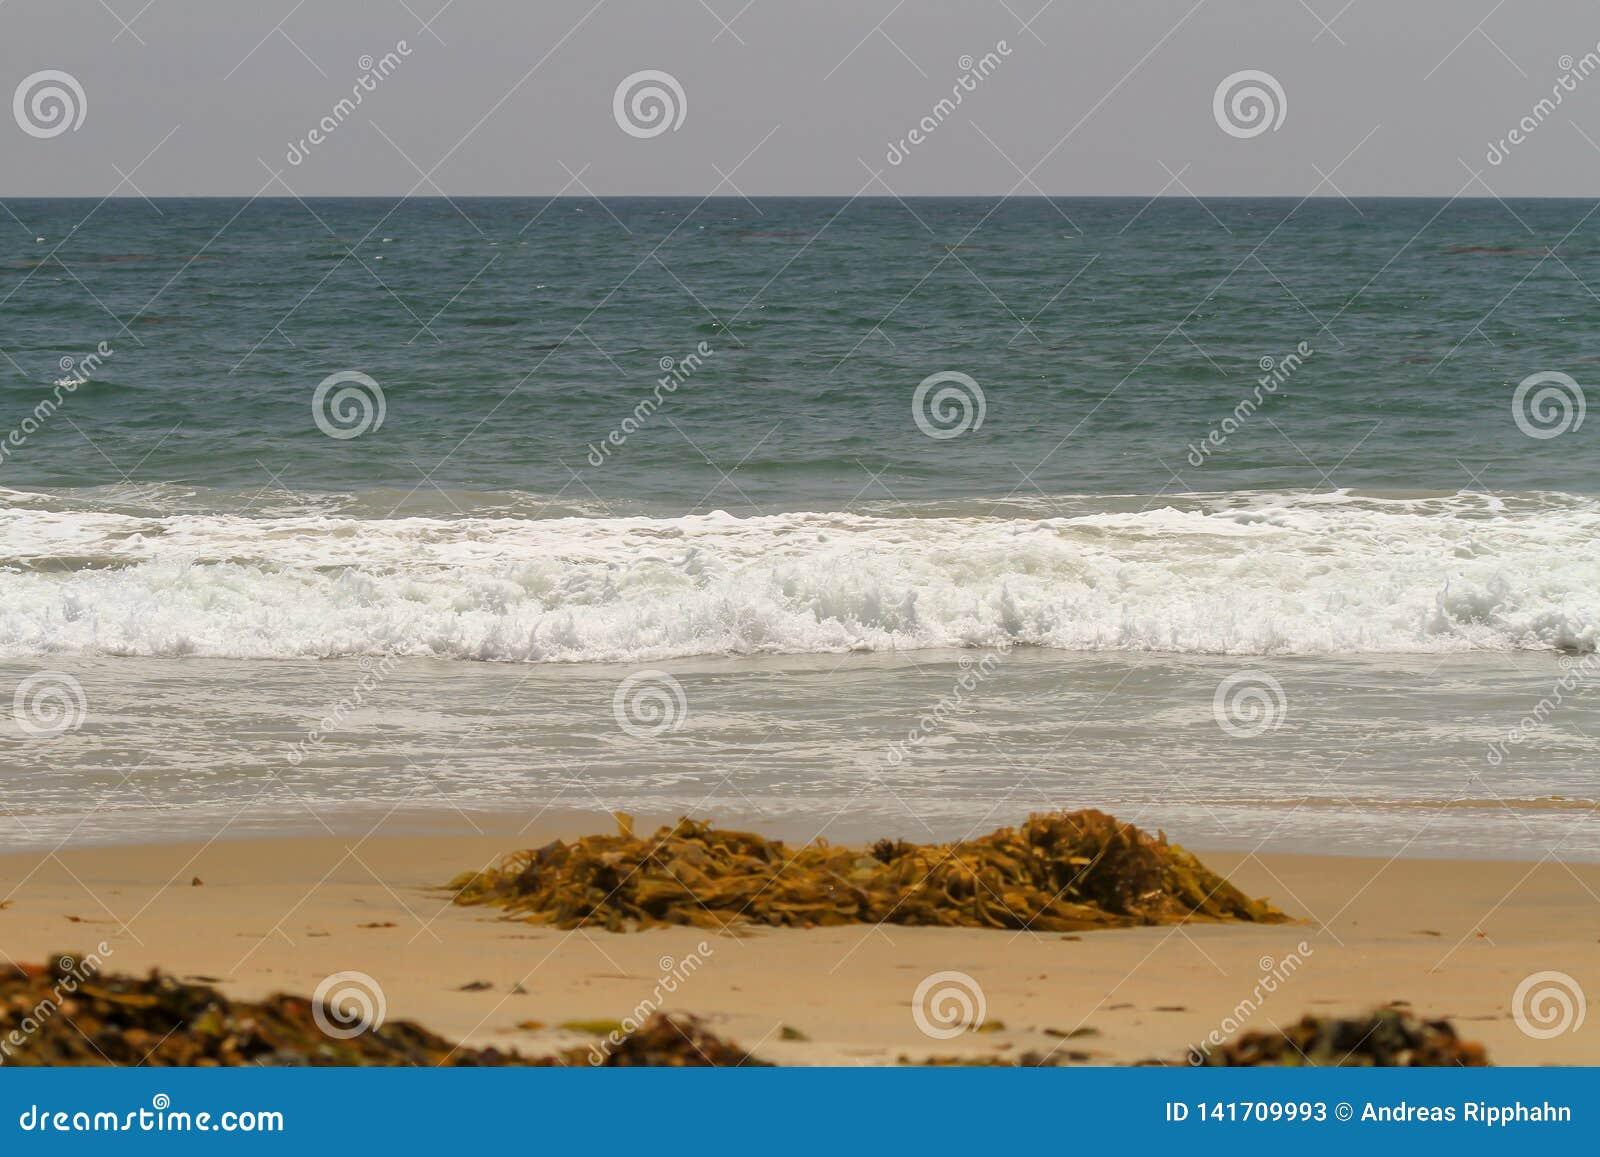 Alga e rottami galleggianti lavate su su una spiaggia sabbiosa